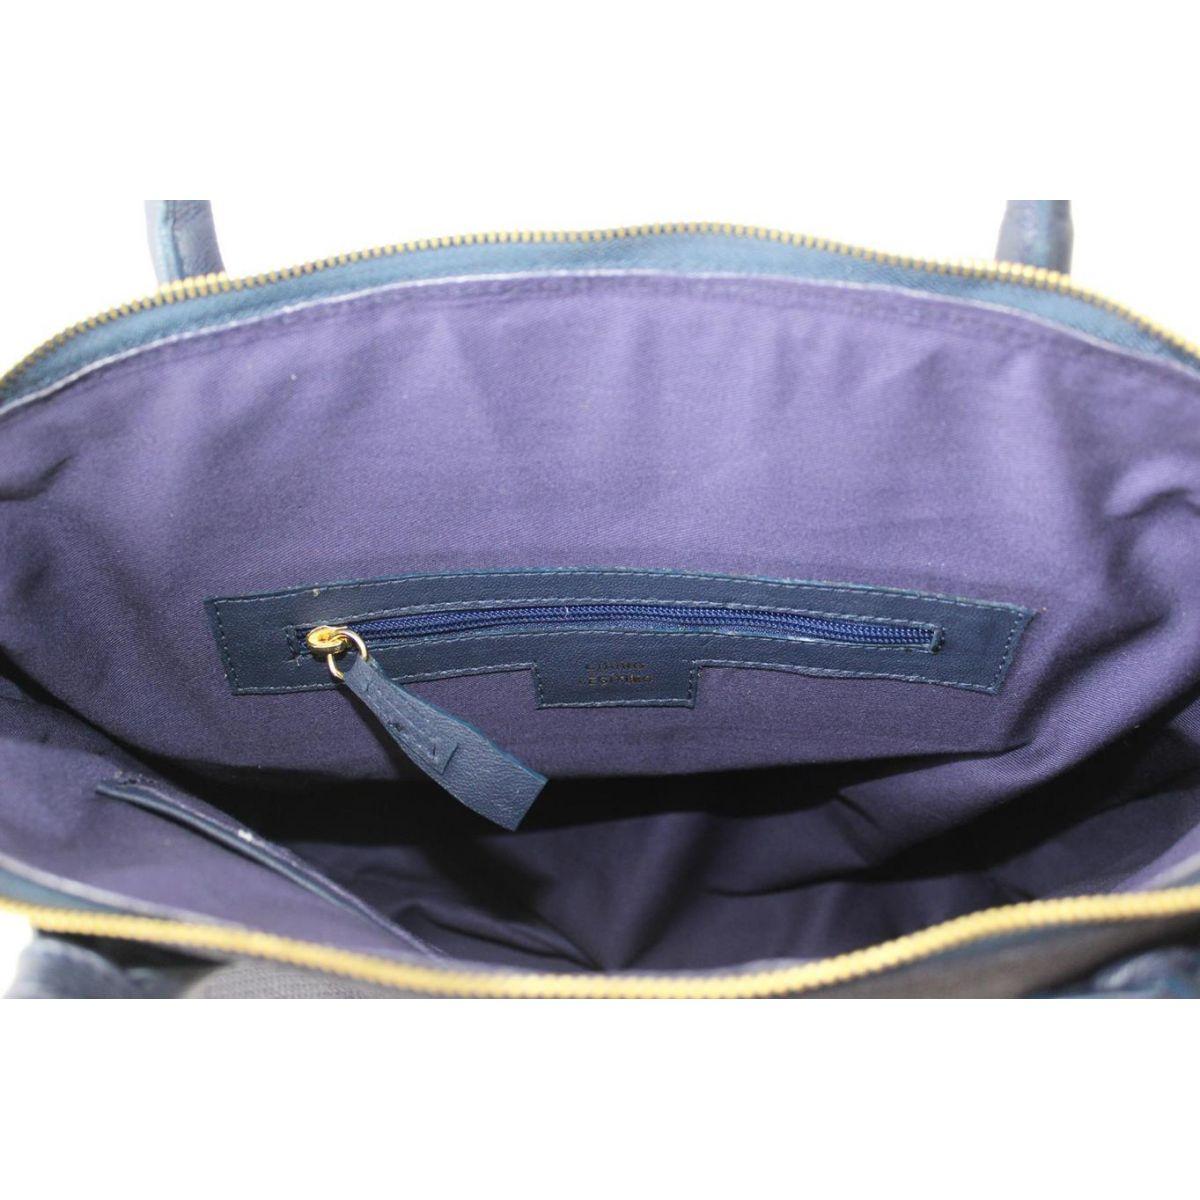 Bolsa De Couro Legitimo Azul : Bolsa de couro leg?timo lace? blg nobuck trisse azul